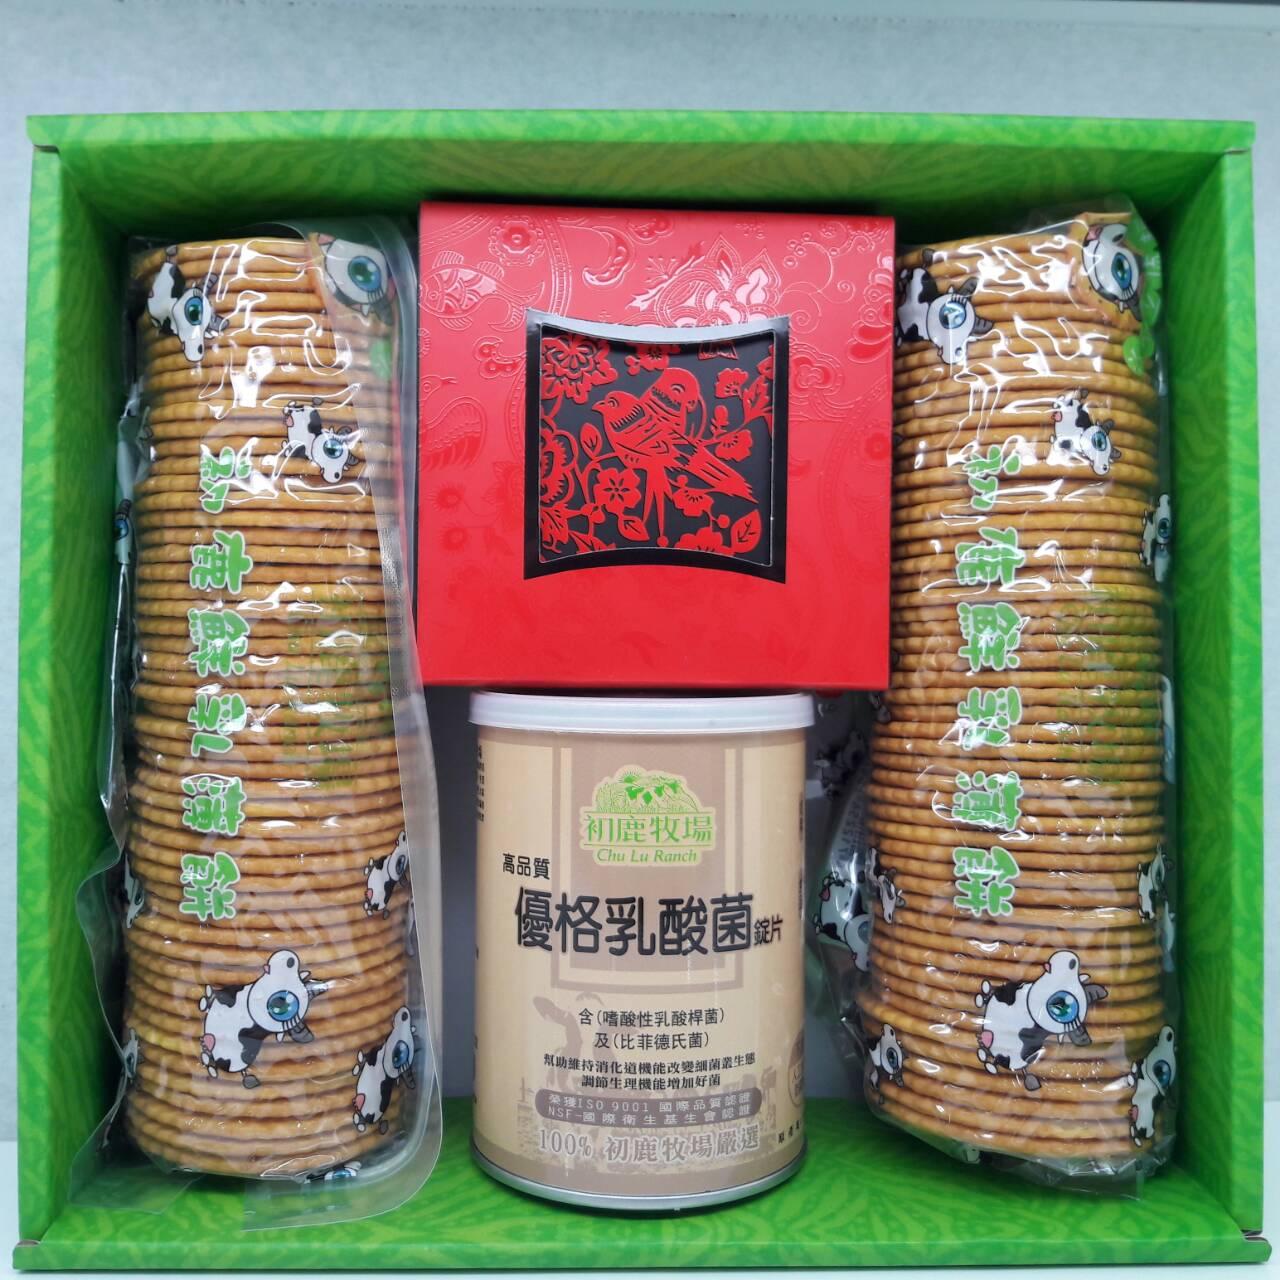 初鹿牧場|春節禮盒B(鮮乳薄餅2入+優格酸錠1入+牛奶糖1入)